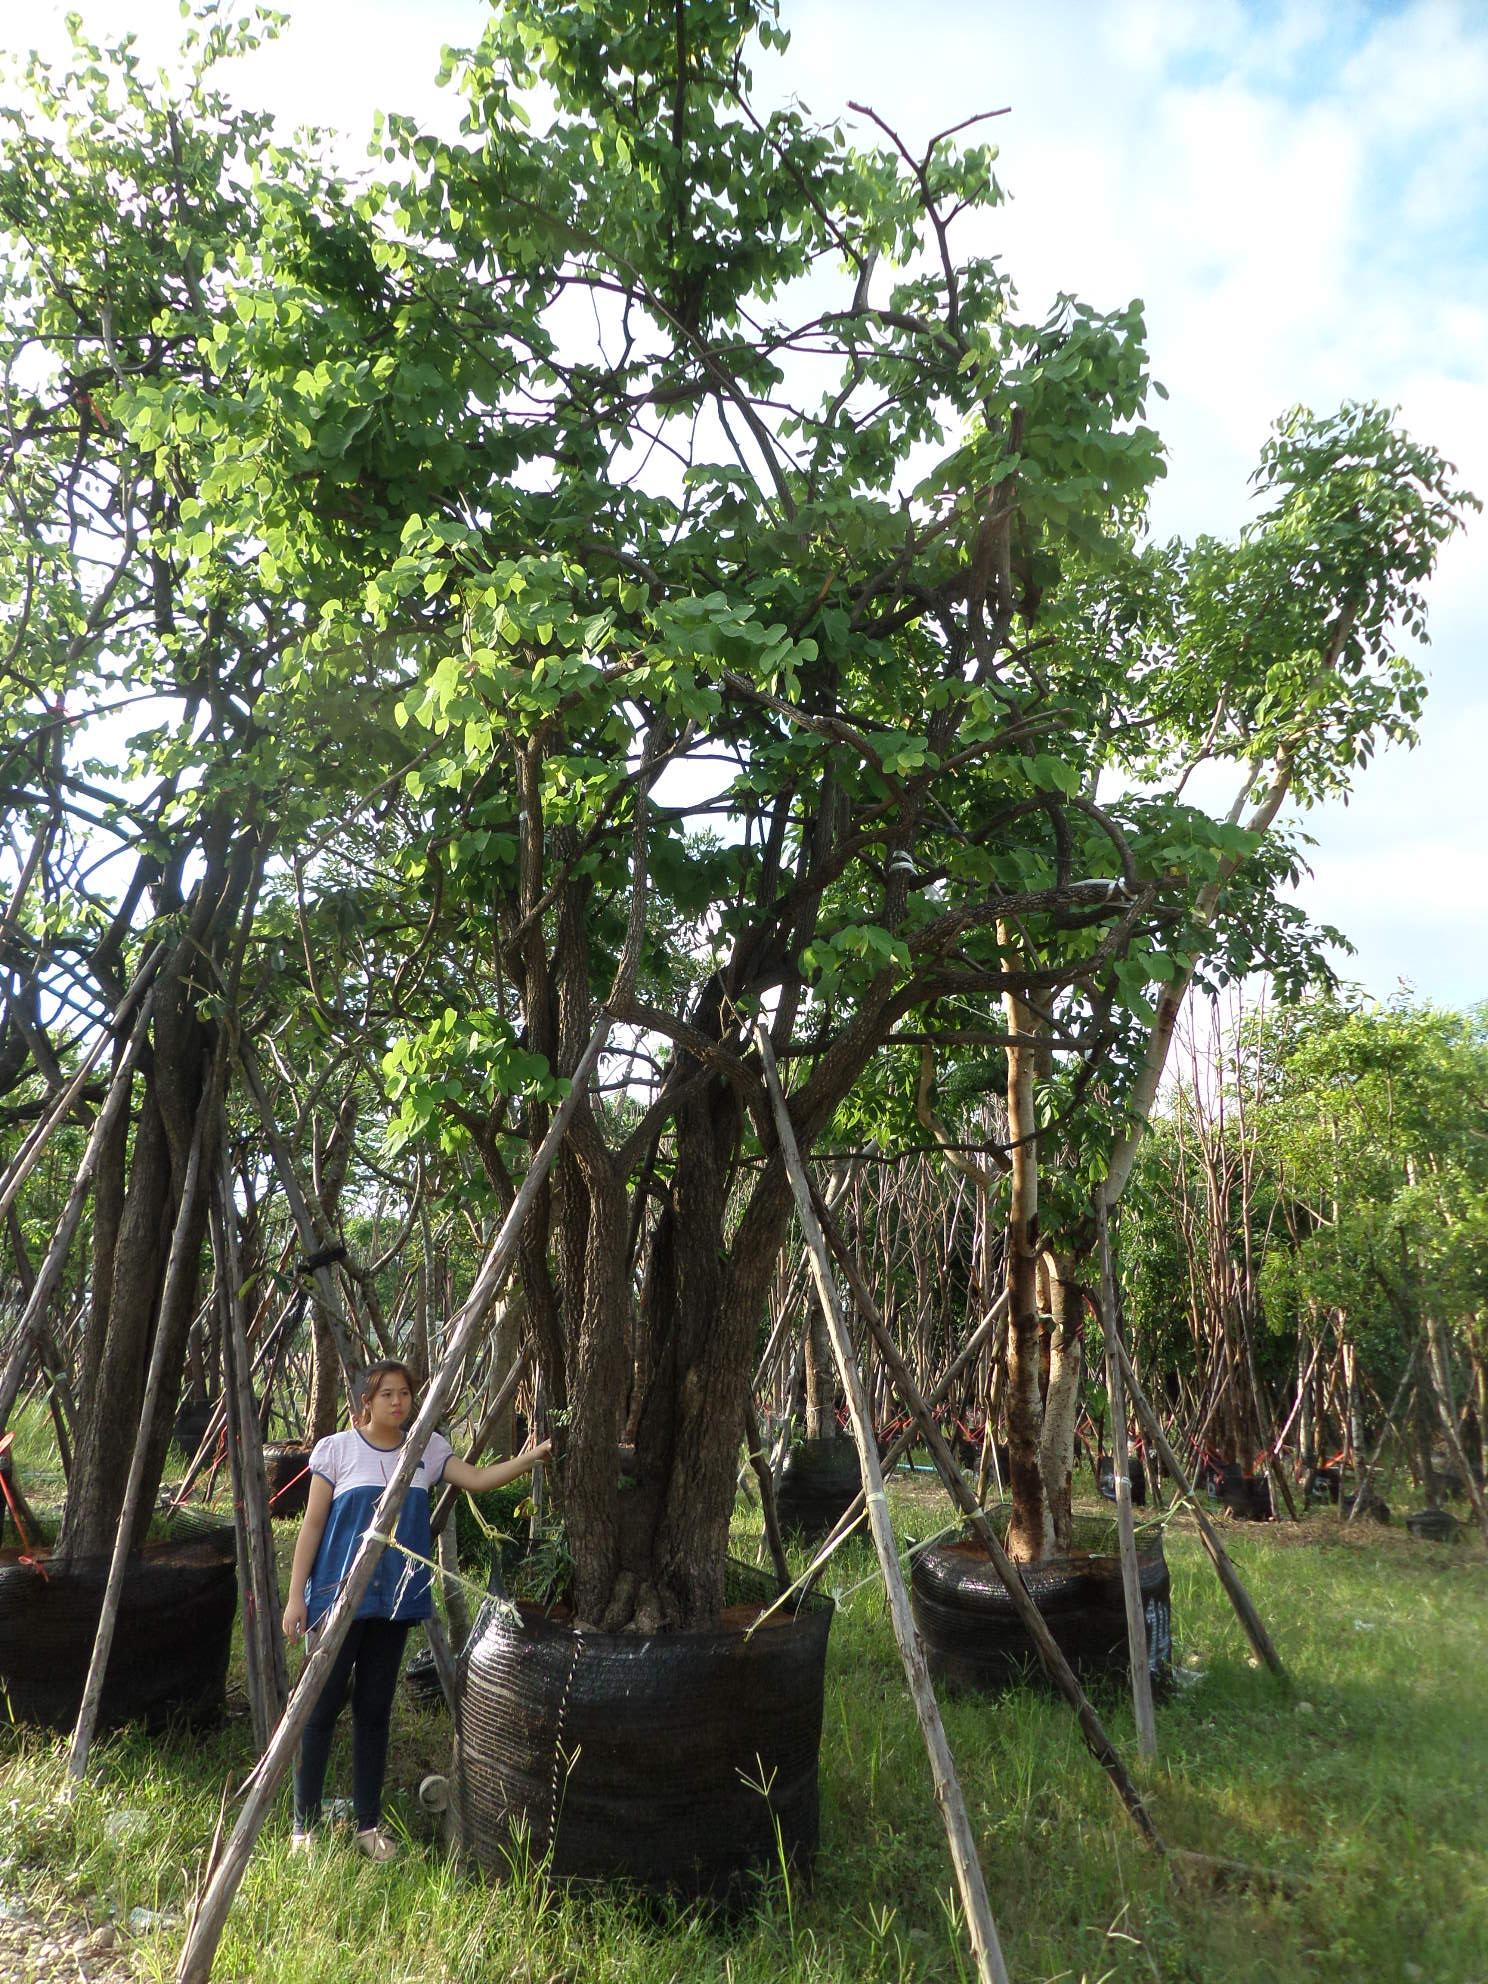 ขายต้นชงโคป่า